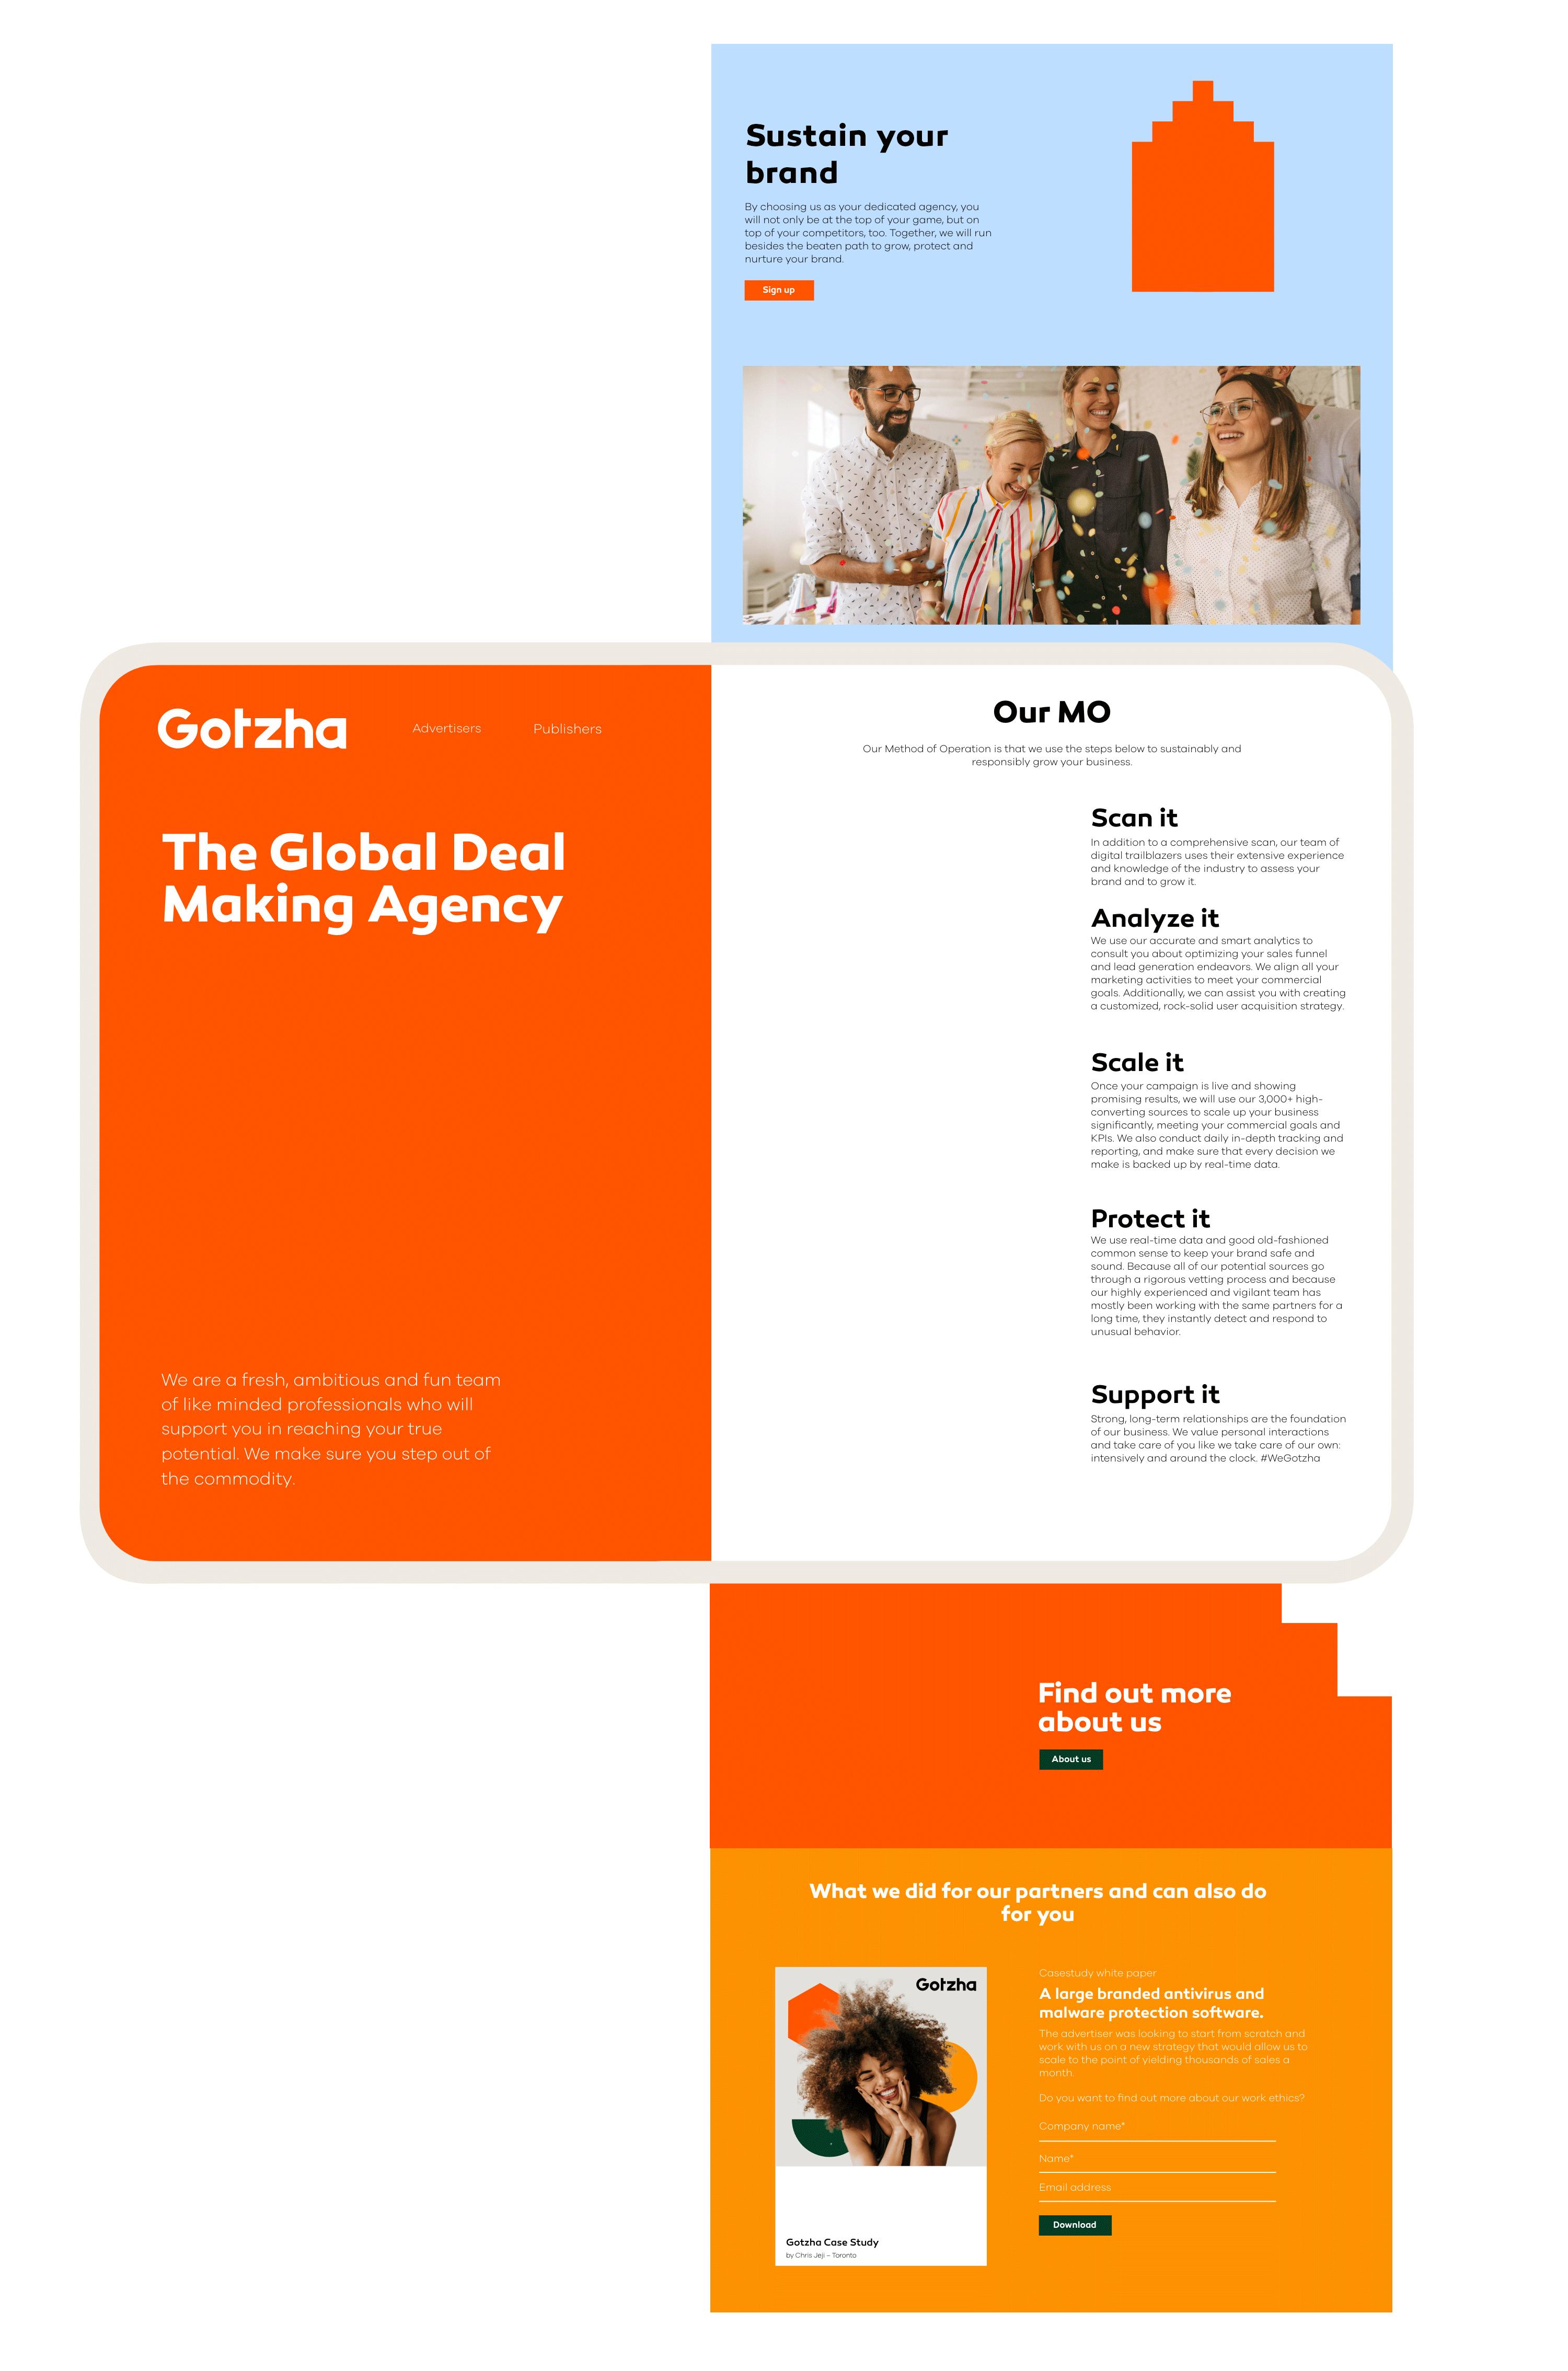 Gotzha Website Design, user interface.